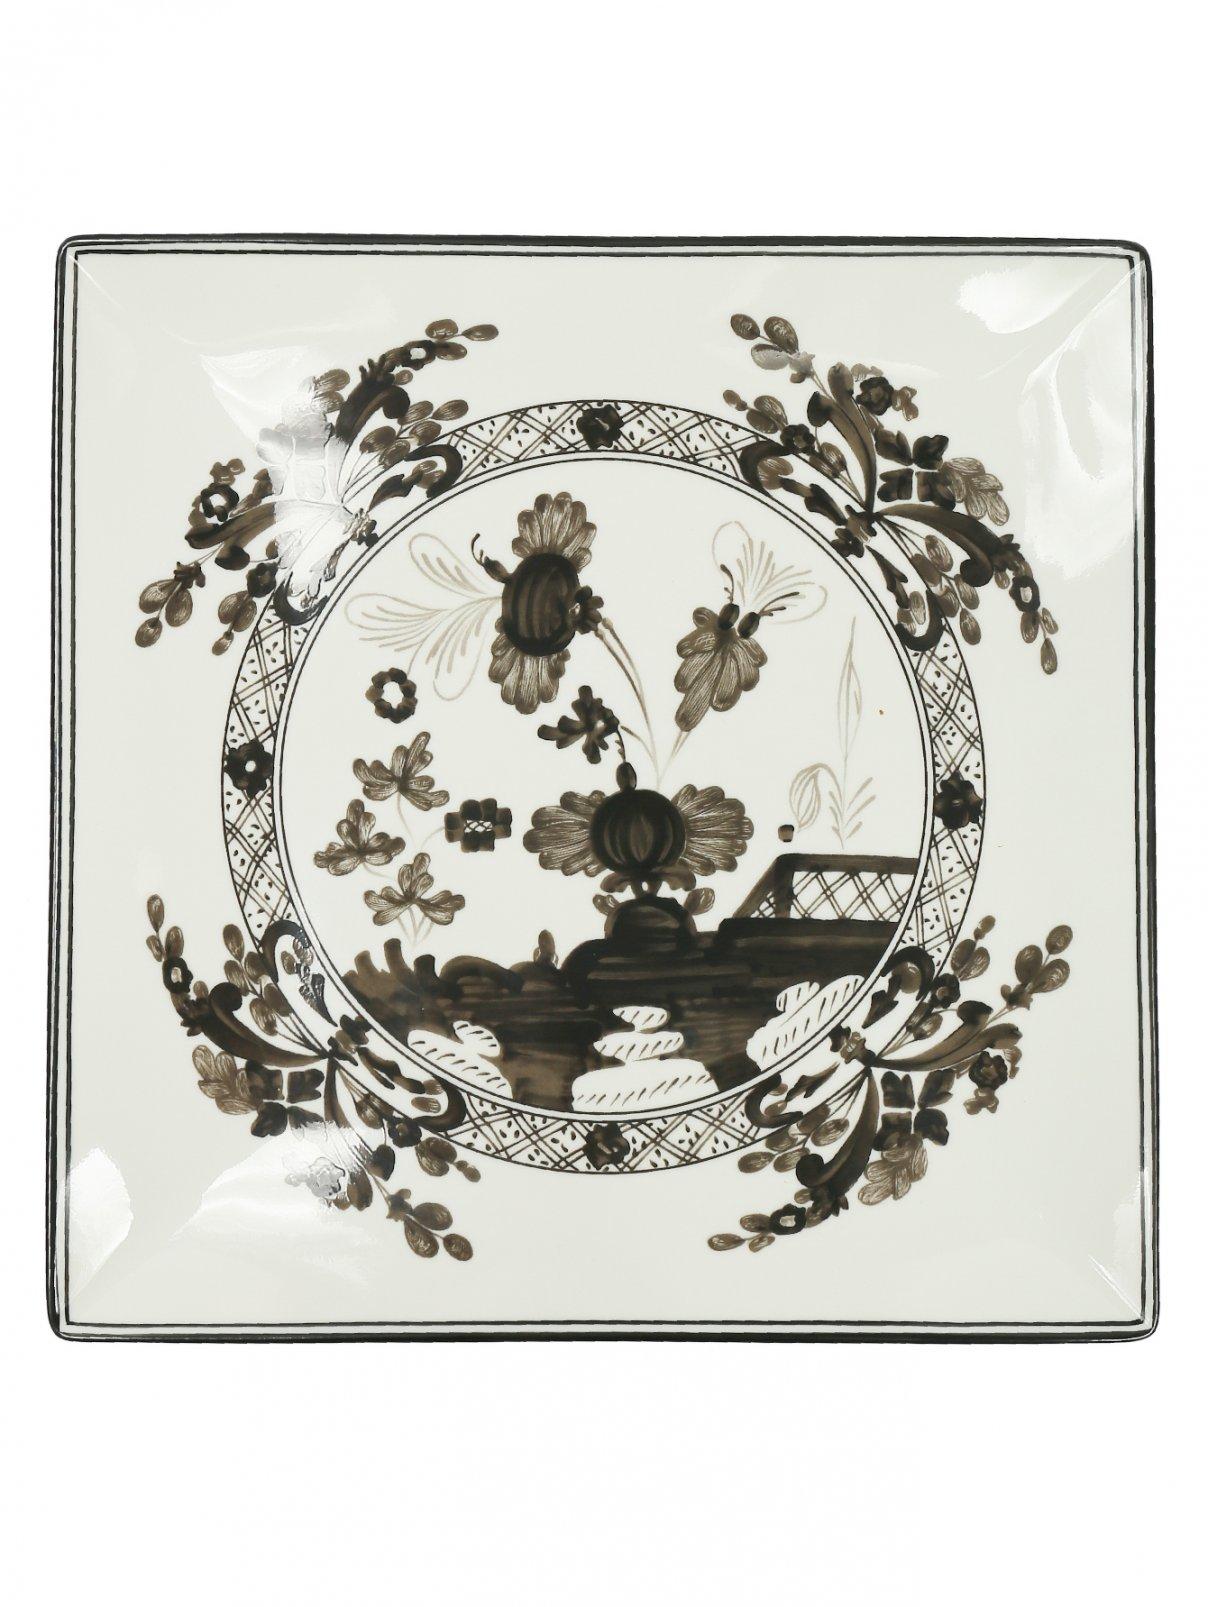 Тарелка обеденная  квадратная из фарфора с узором и окантовкой Richard Ginori 1735  –  Общий вид